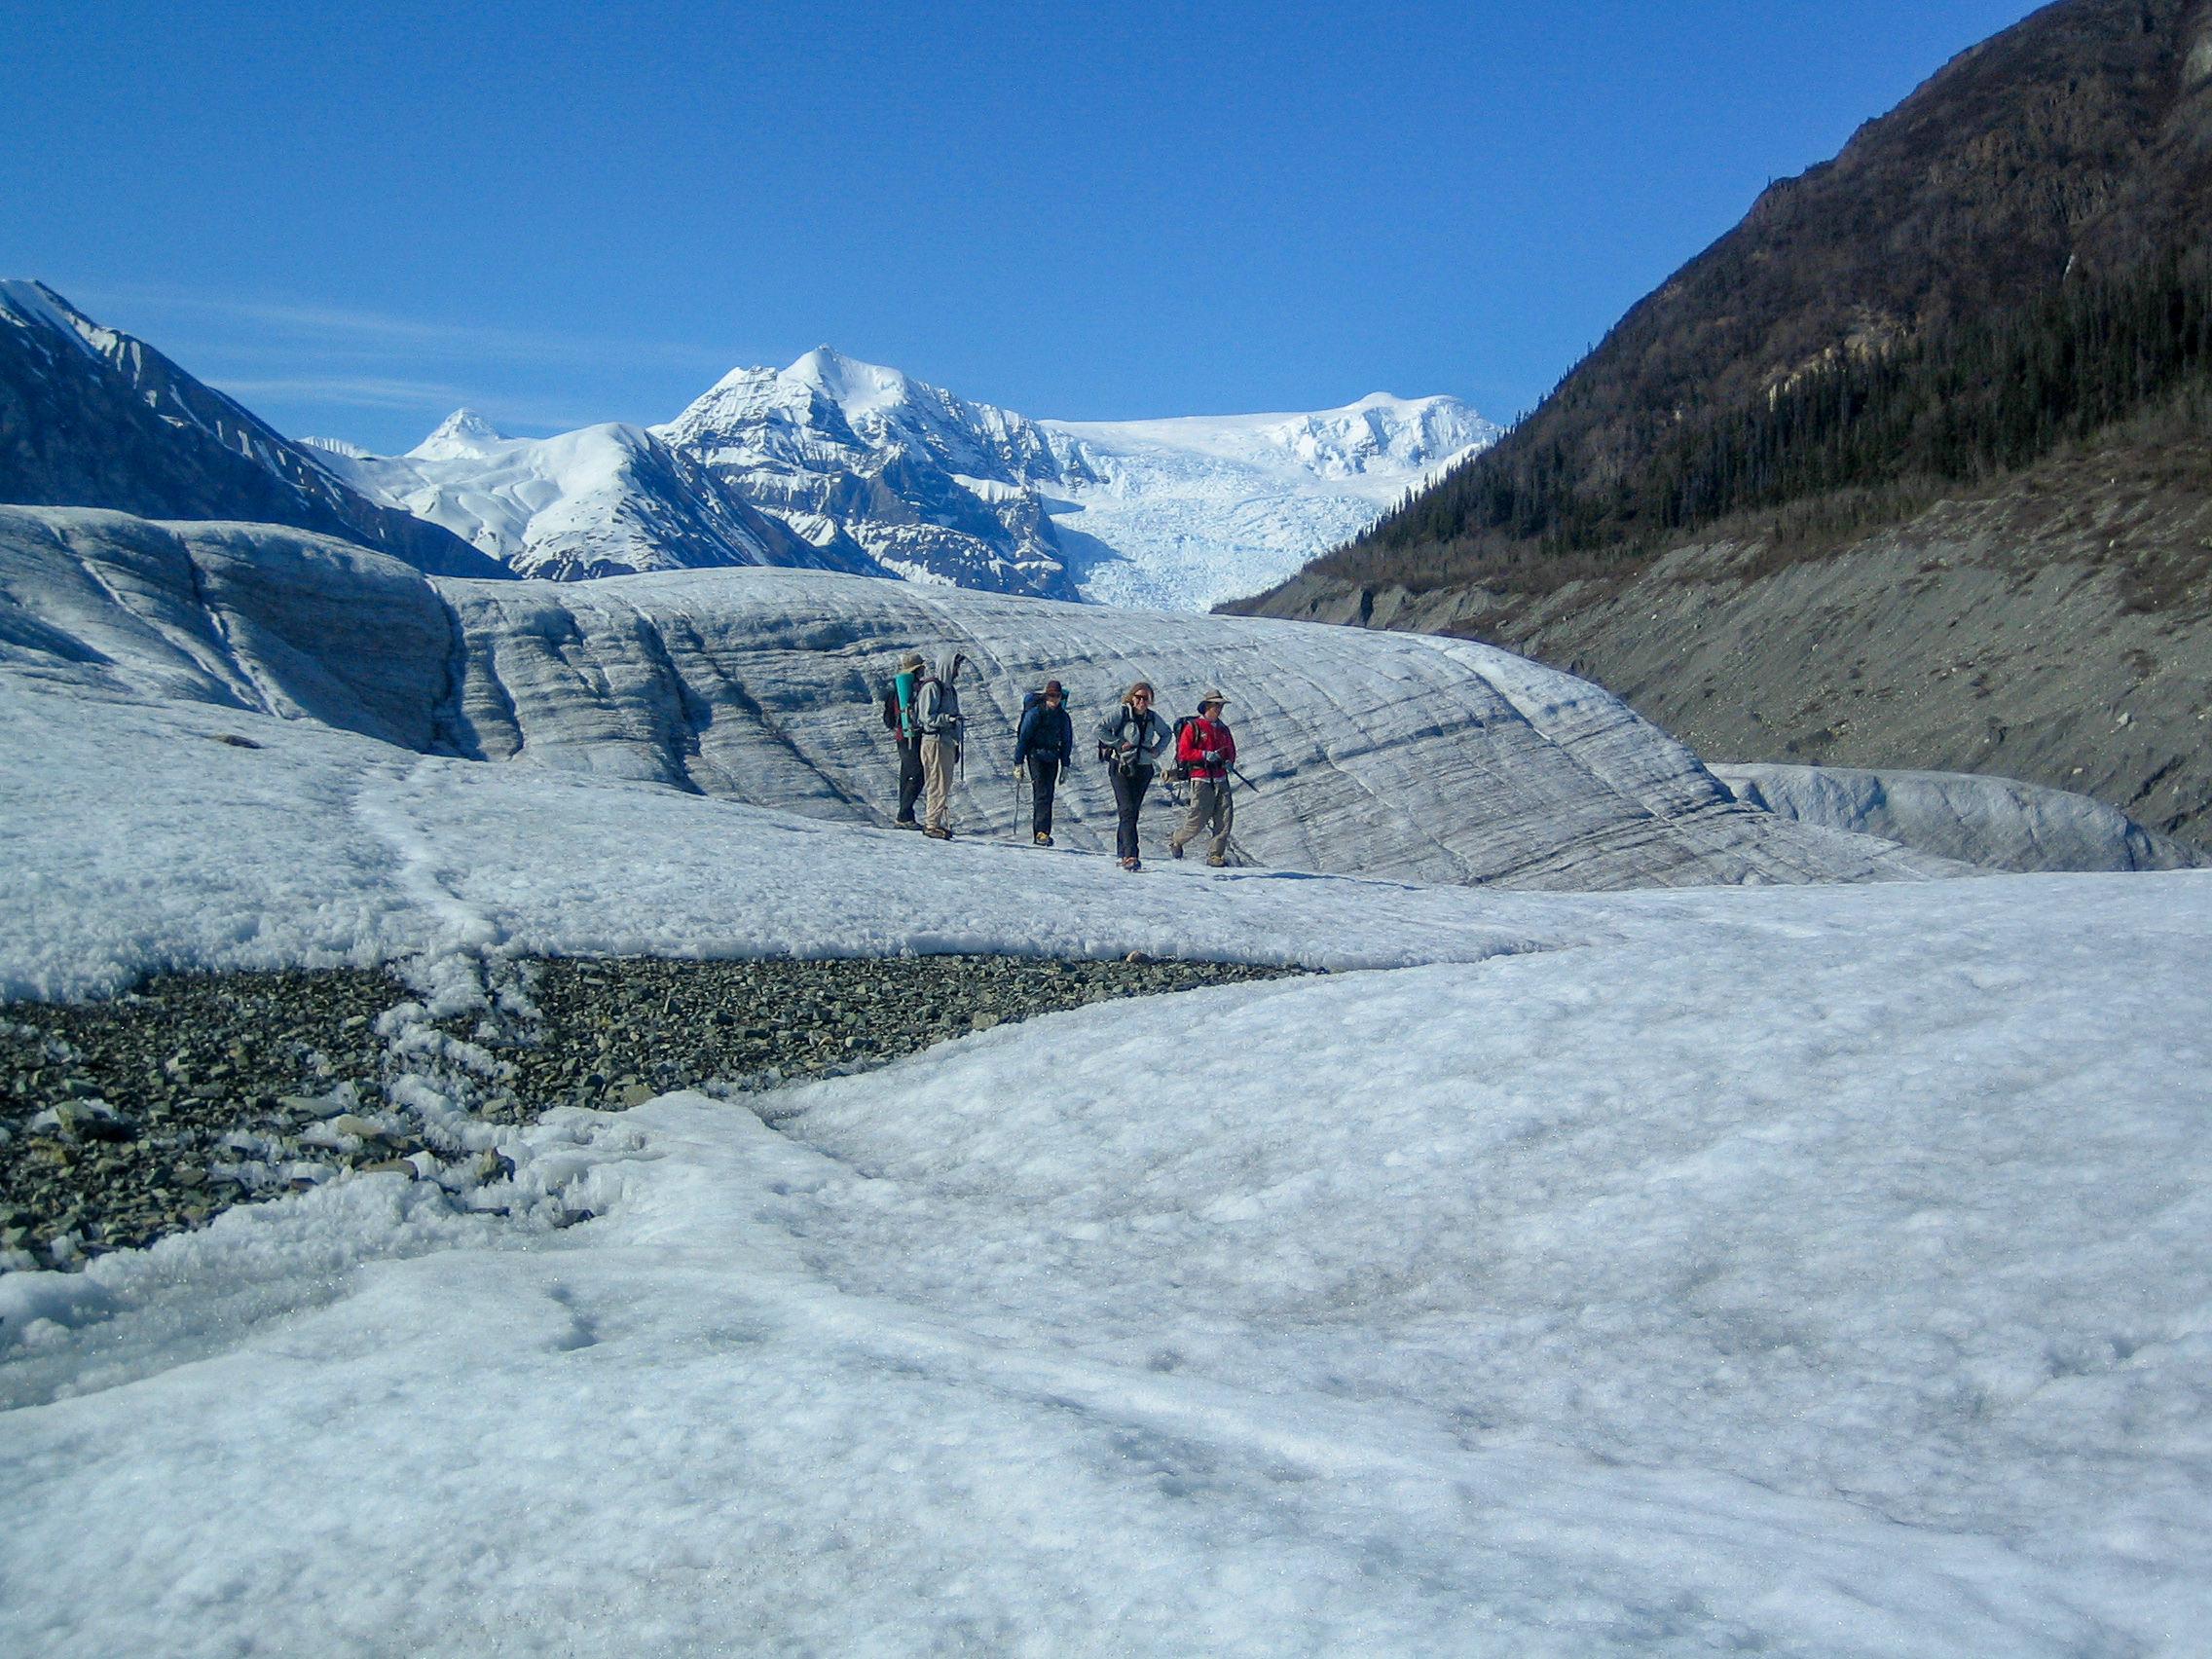 Glacier Adventure Day-Trip: Happy Glacial Hikers